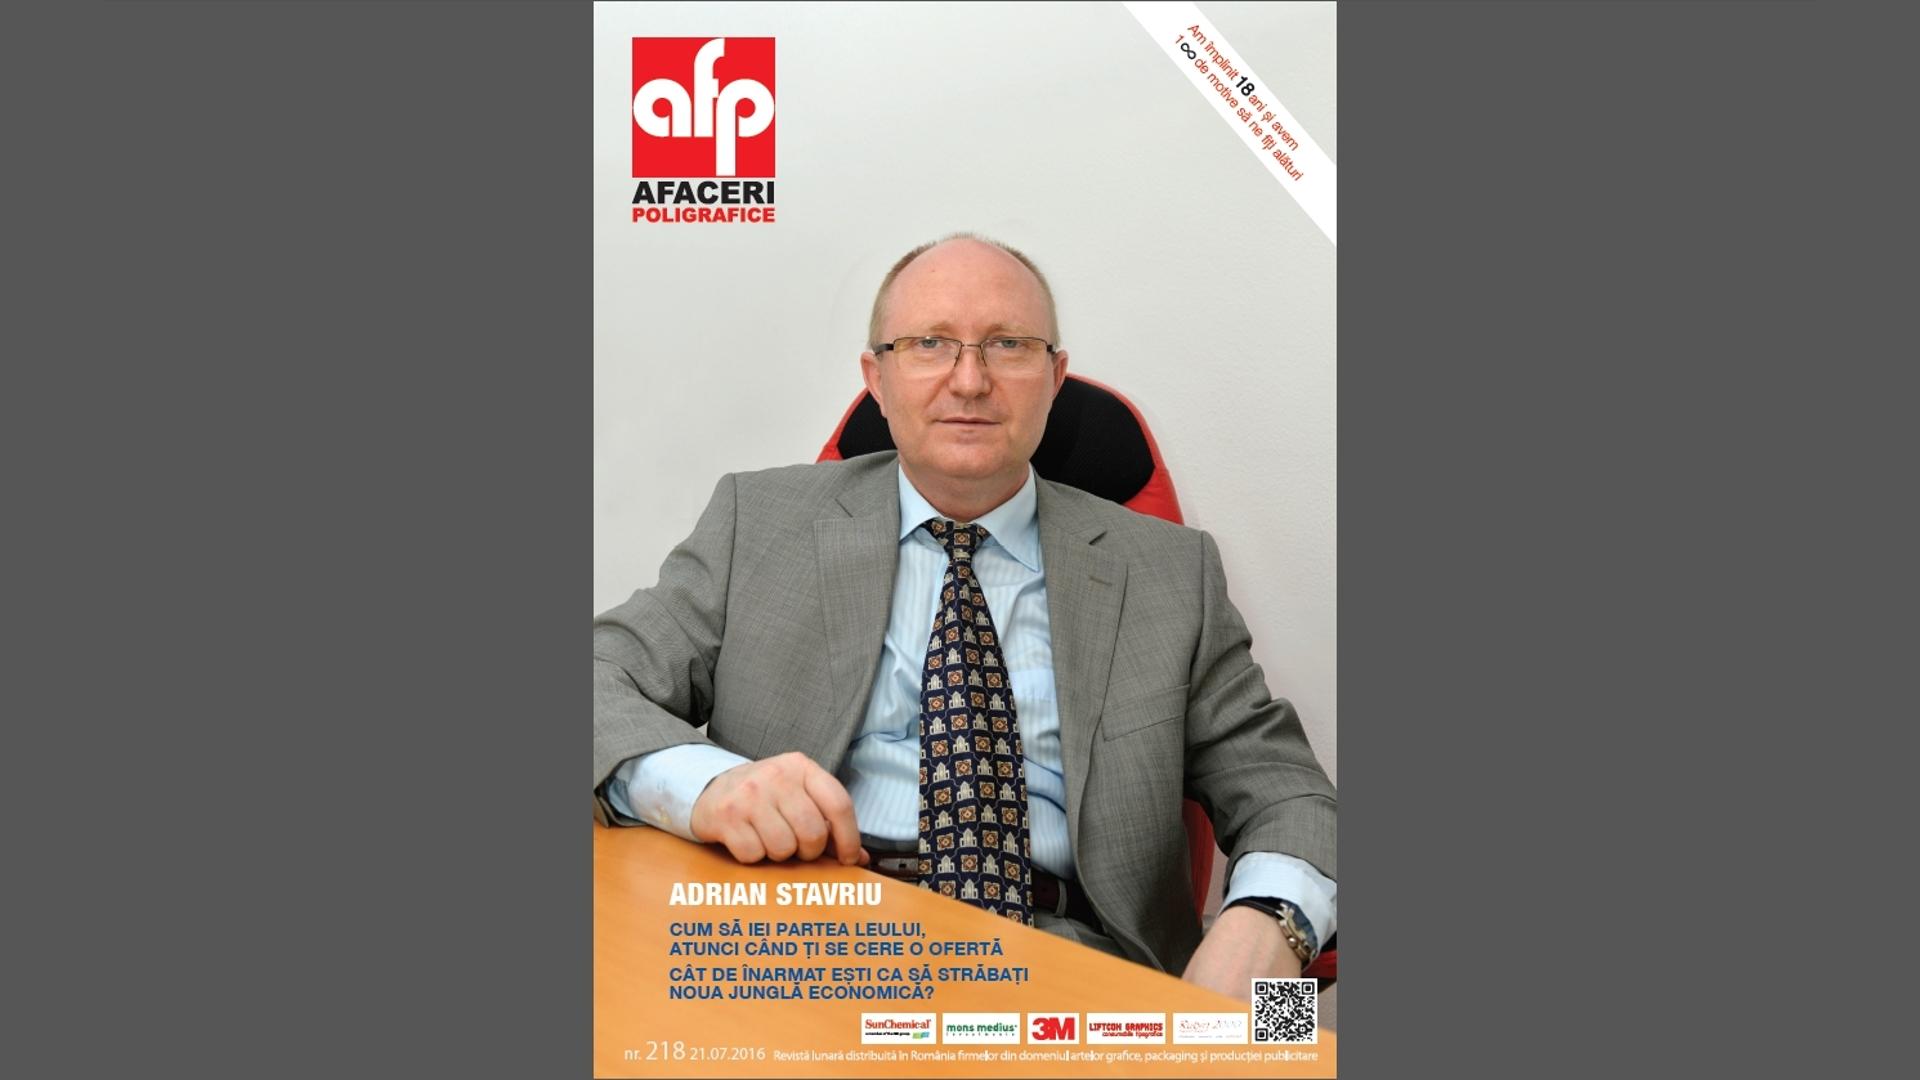 In Revista AFACERI POLIGRAFICE